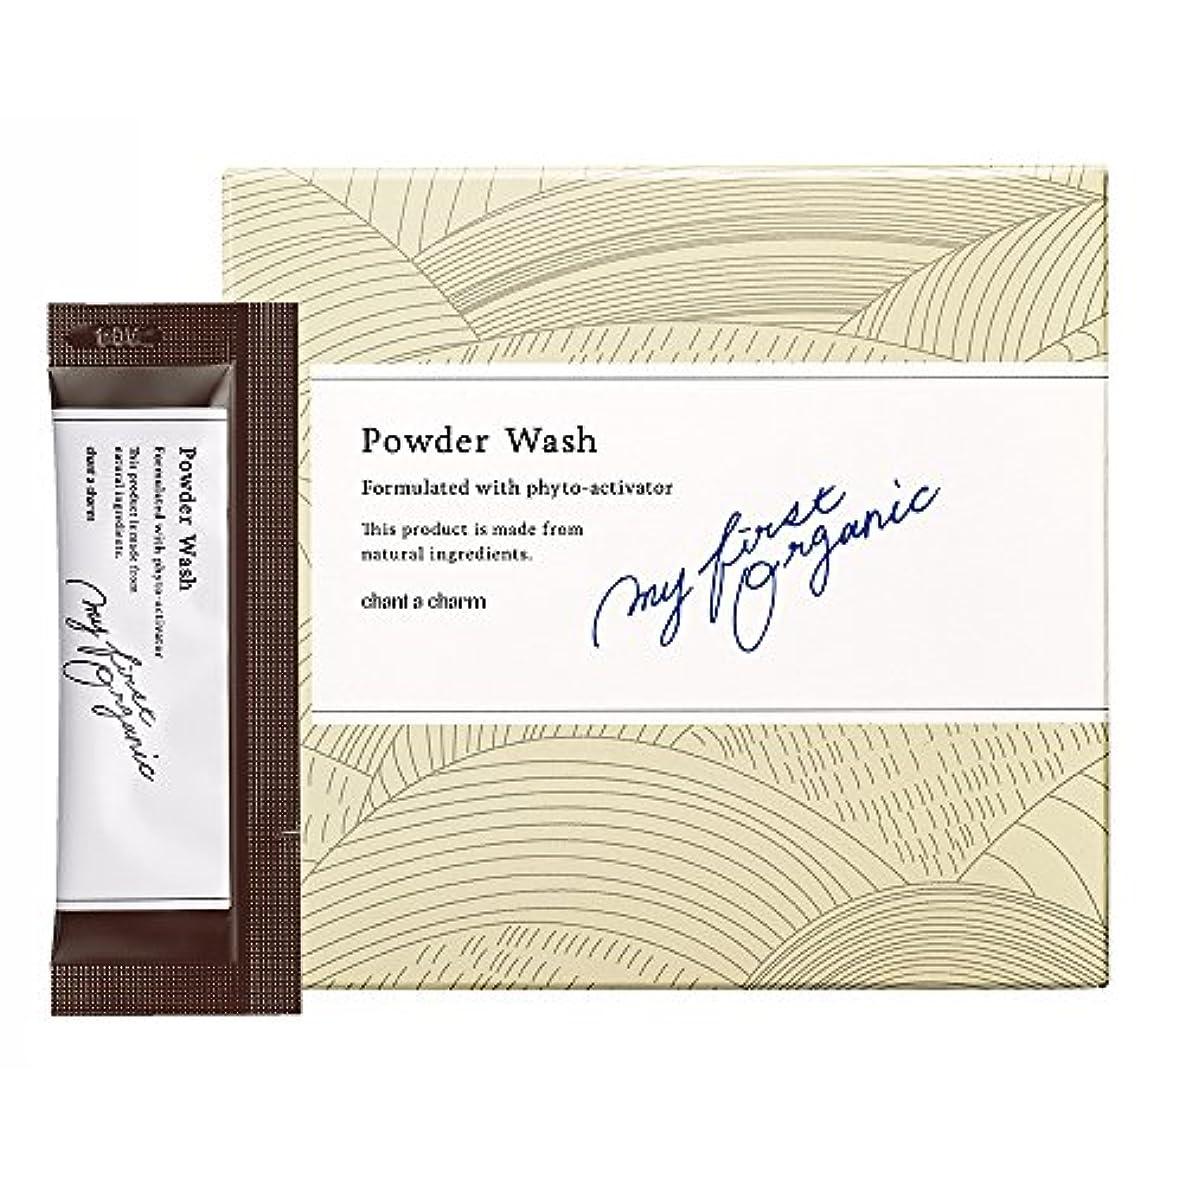 ペリスコープビートテザーチャントアチャーム パウダーウォッシュ ニキビ肌用酵素洗顔 医薬部外品